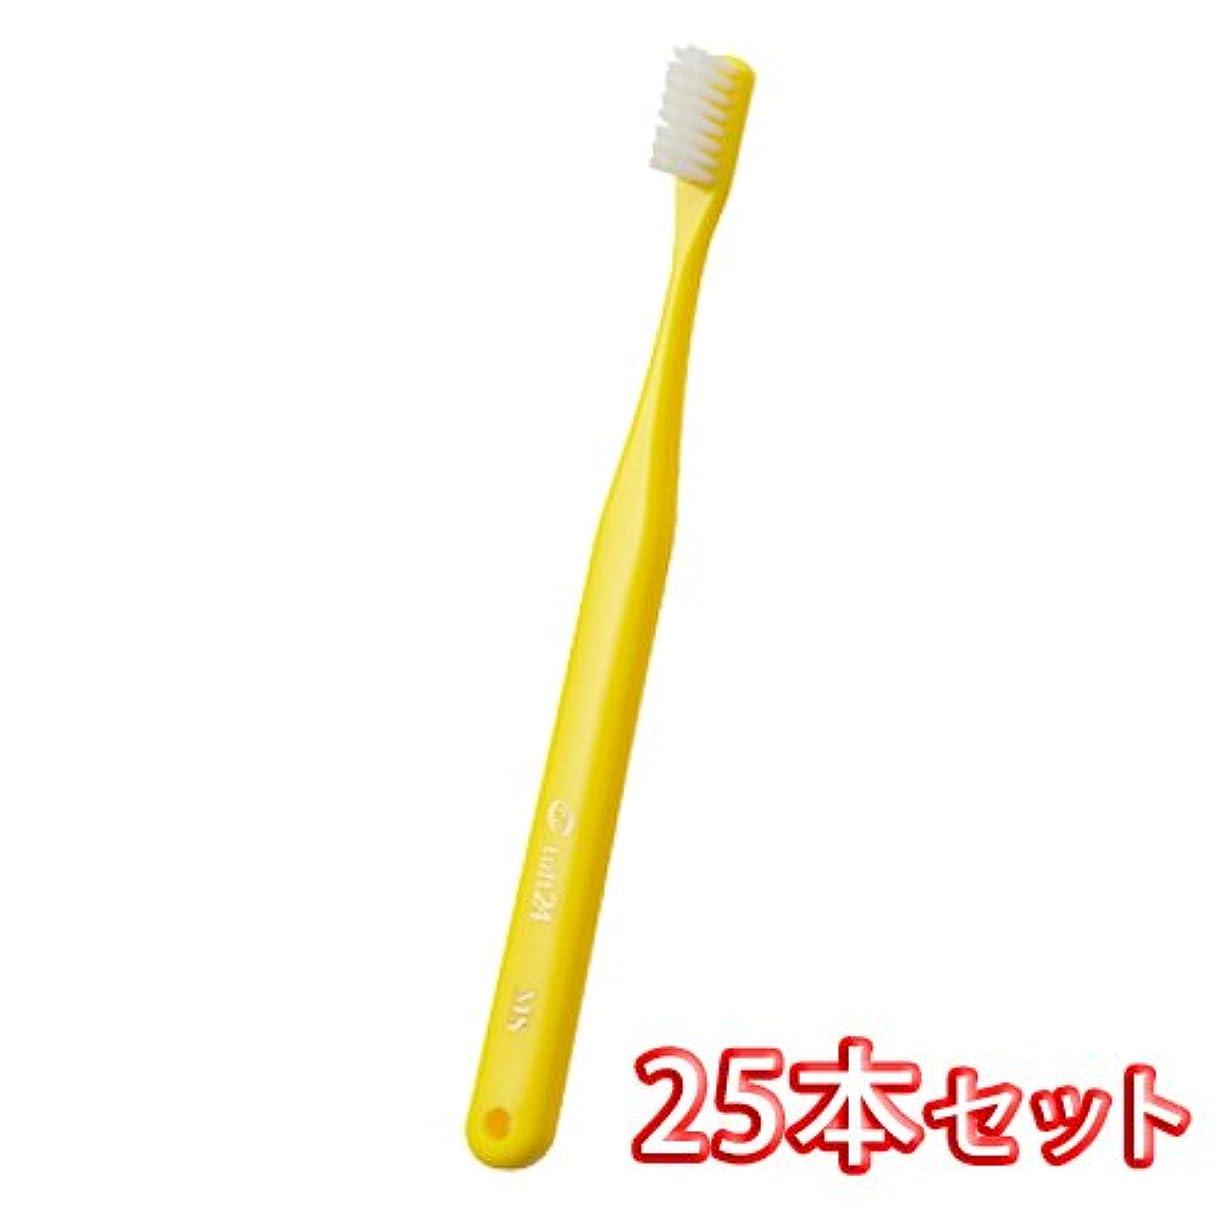 道徳の説明的気まぐれなオーラルケア キャップ付き タフト 24歯ブラシ 25本入 ミディアム M (イエロー)